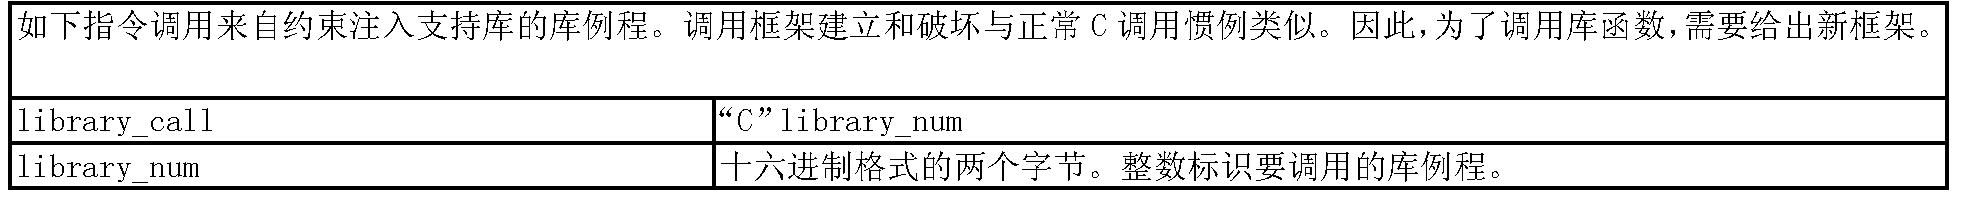 Figure CN101278260BD00211